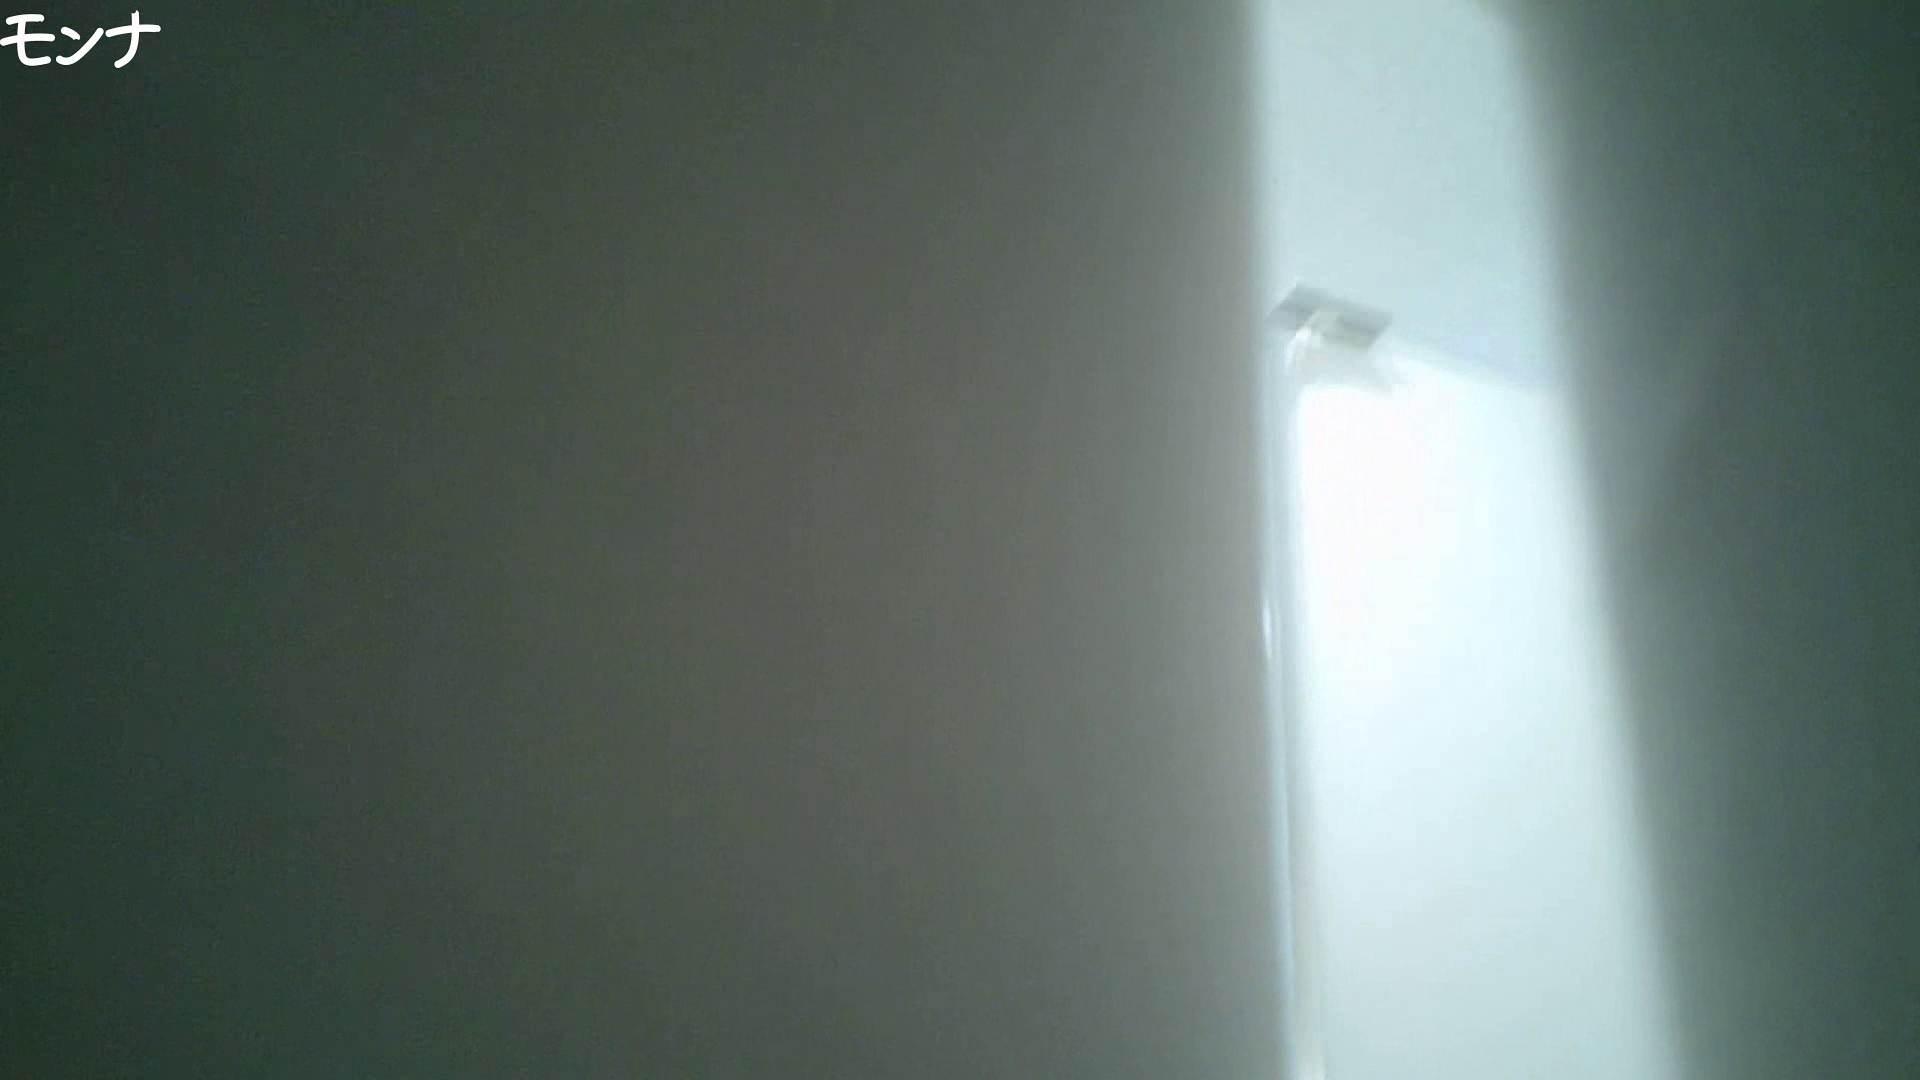 有名大学女性洗面所 vol.65 秘技!!マルチアングル天井撮り!! 丸見え  76PIX 40